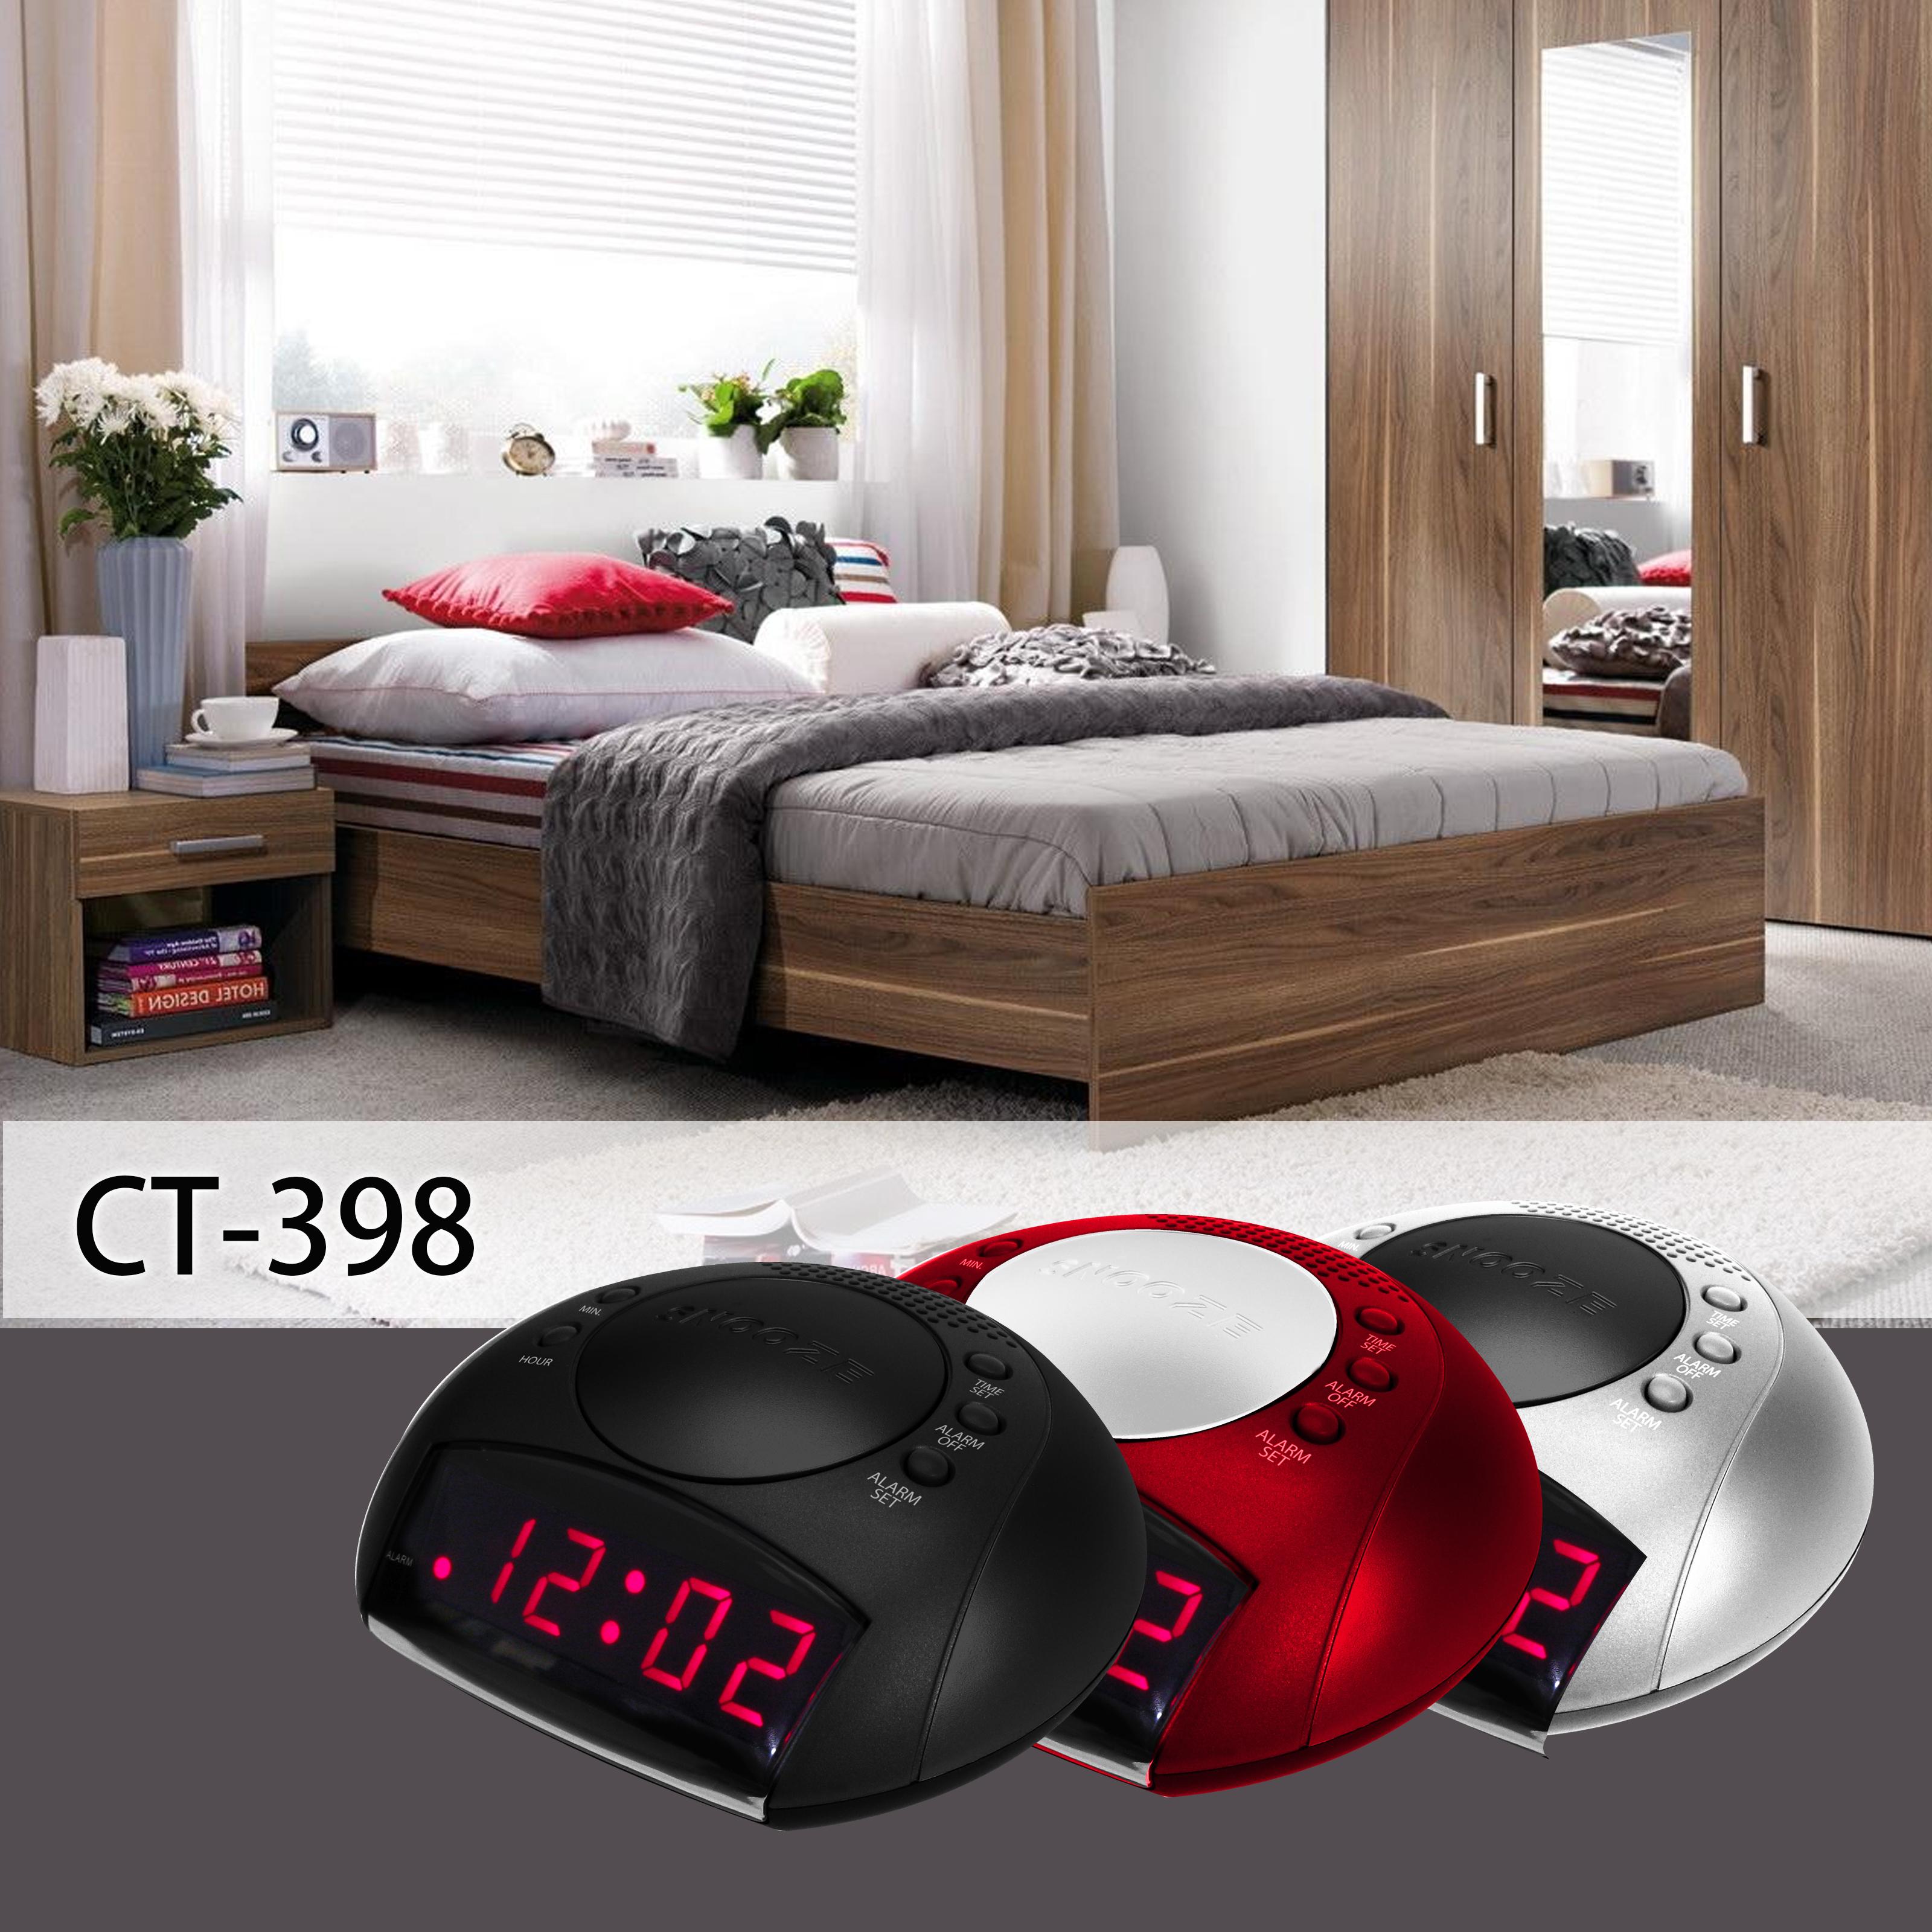 CT-398 bedroom .jpg